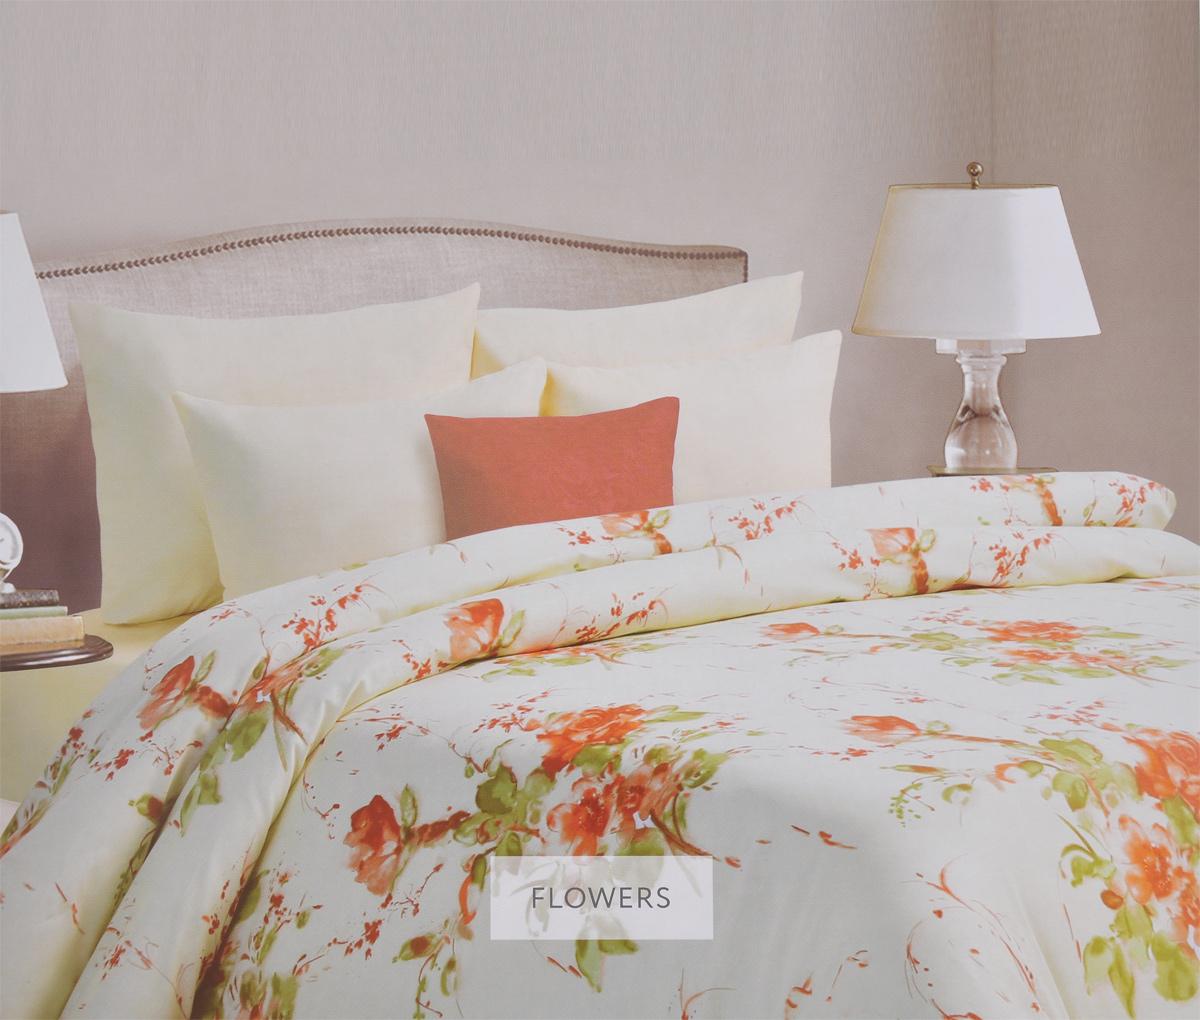 Комплект белья Mona Liza Flowers, семейный, наволочки 70х70, цвет: бежевый, светло-зеленый. 562405/6562405/6Комплект белья Mona Liza Flowers, выполненный из батиста (100% хлопок), состоит из двух пододеяльников, простыни и двух наволочек. Изделия оформлены красивым цветочным рисунком. Батист - тонкая, легкая, полупрозрачная натуральная ткань полотняного переплетения. Батист, несомненно, является одной из самых аристократичных и совершенных тканей. Он отличается нежностью, трепетной утонченностью и изысканностью. Ткань с незначительной сминаемостью, хорошо сохраняющая цвет при стирке, легкая, с прекрасными гигиеническими показателями. В комплект входит: Пододеяльник - 2 шт. Размер: 145 см х 210 см. Простыня - 1 шт. Размер: 215 см х 240 см. Наволочка - 2 шт. Размер: 70 см х 70 см. Рекомендации по уходу: - Ручная и машинная стирка 40°С, - Гладить при температуре не более 150°С, - Не использовать хлорсодержащие средства, - Щадящая сушка, - Не подвергать химчистке.